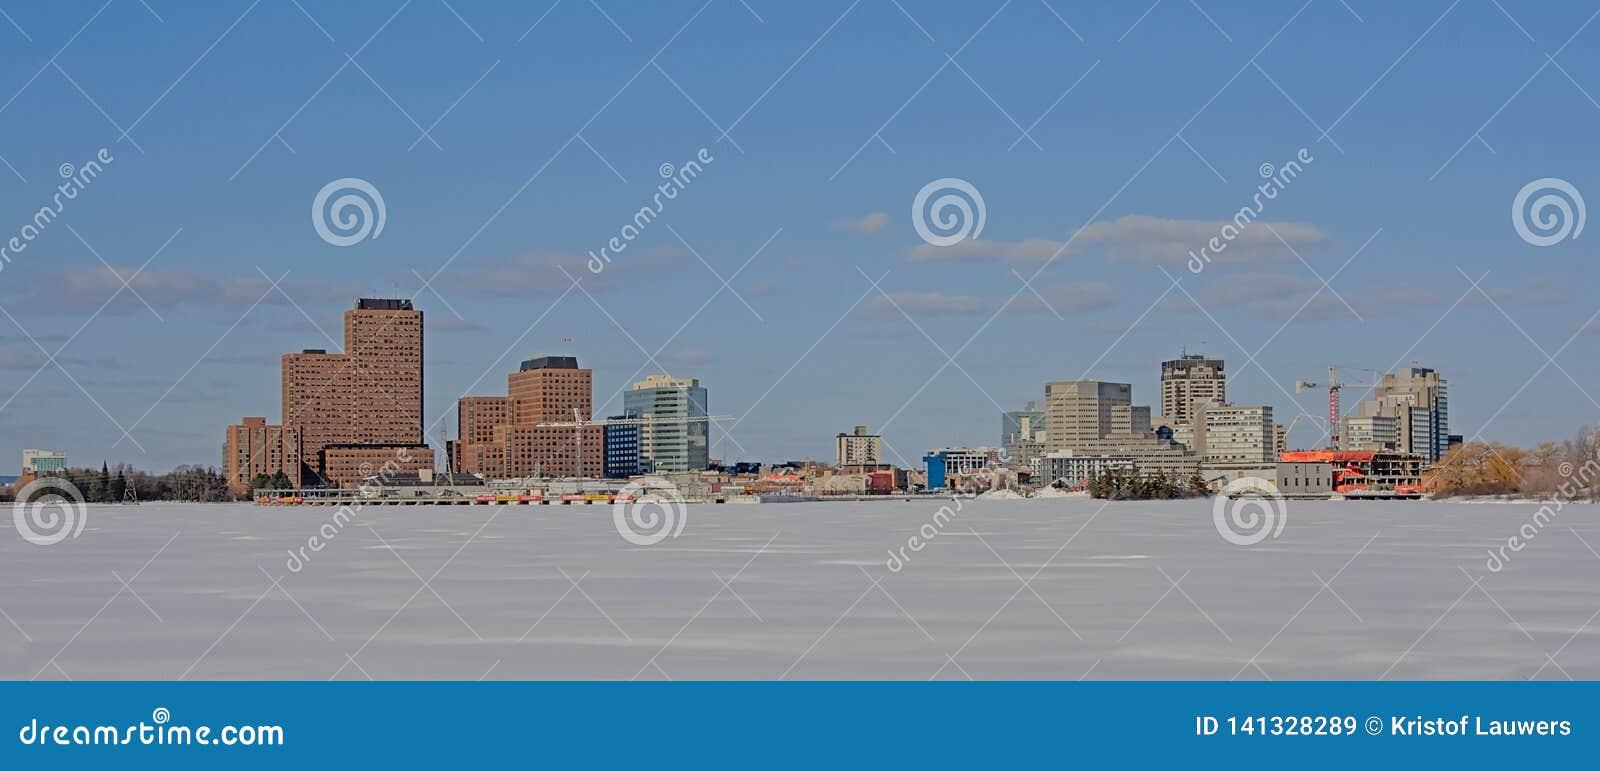 Industriebauten und Wolkenkratzer des Rumpfs entlang gefrorenem Ottawa-Fluss